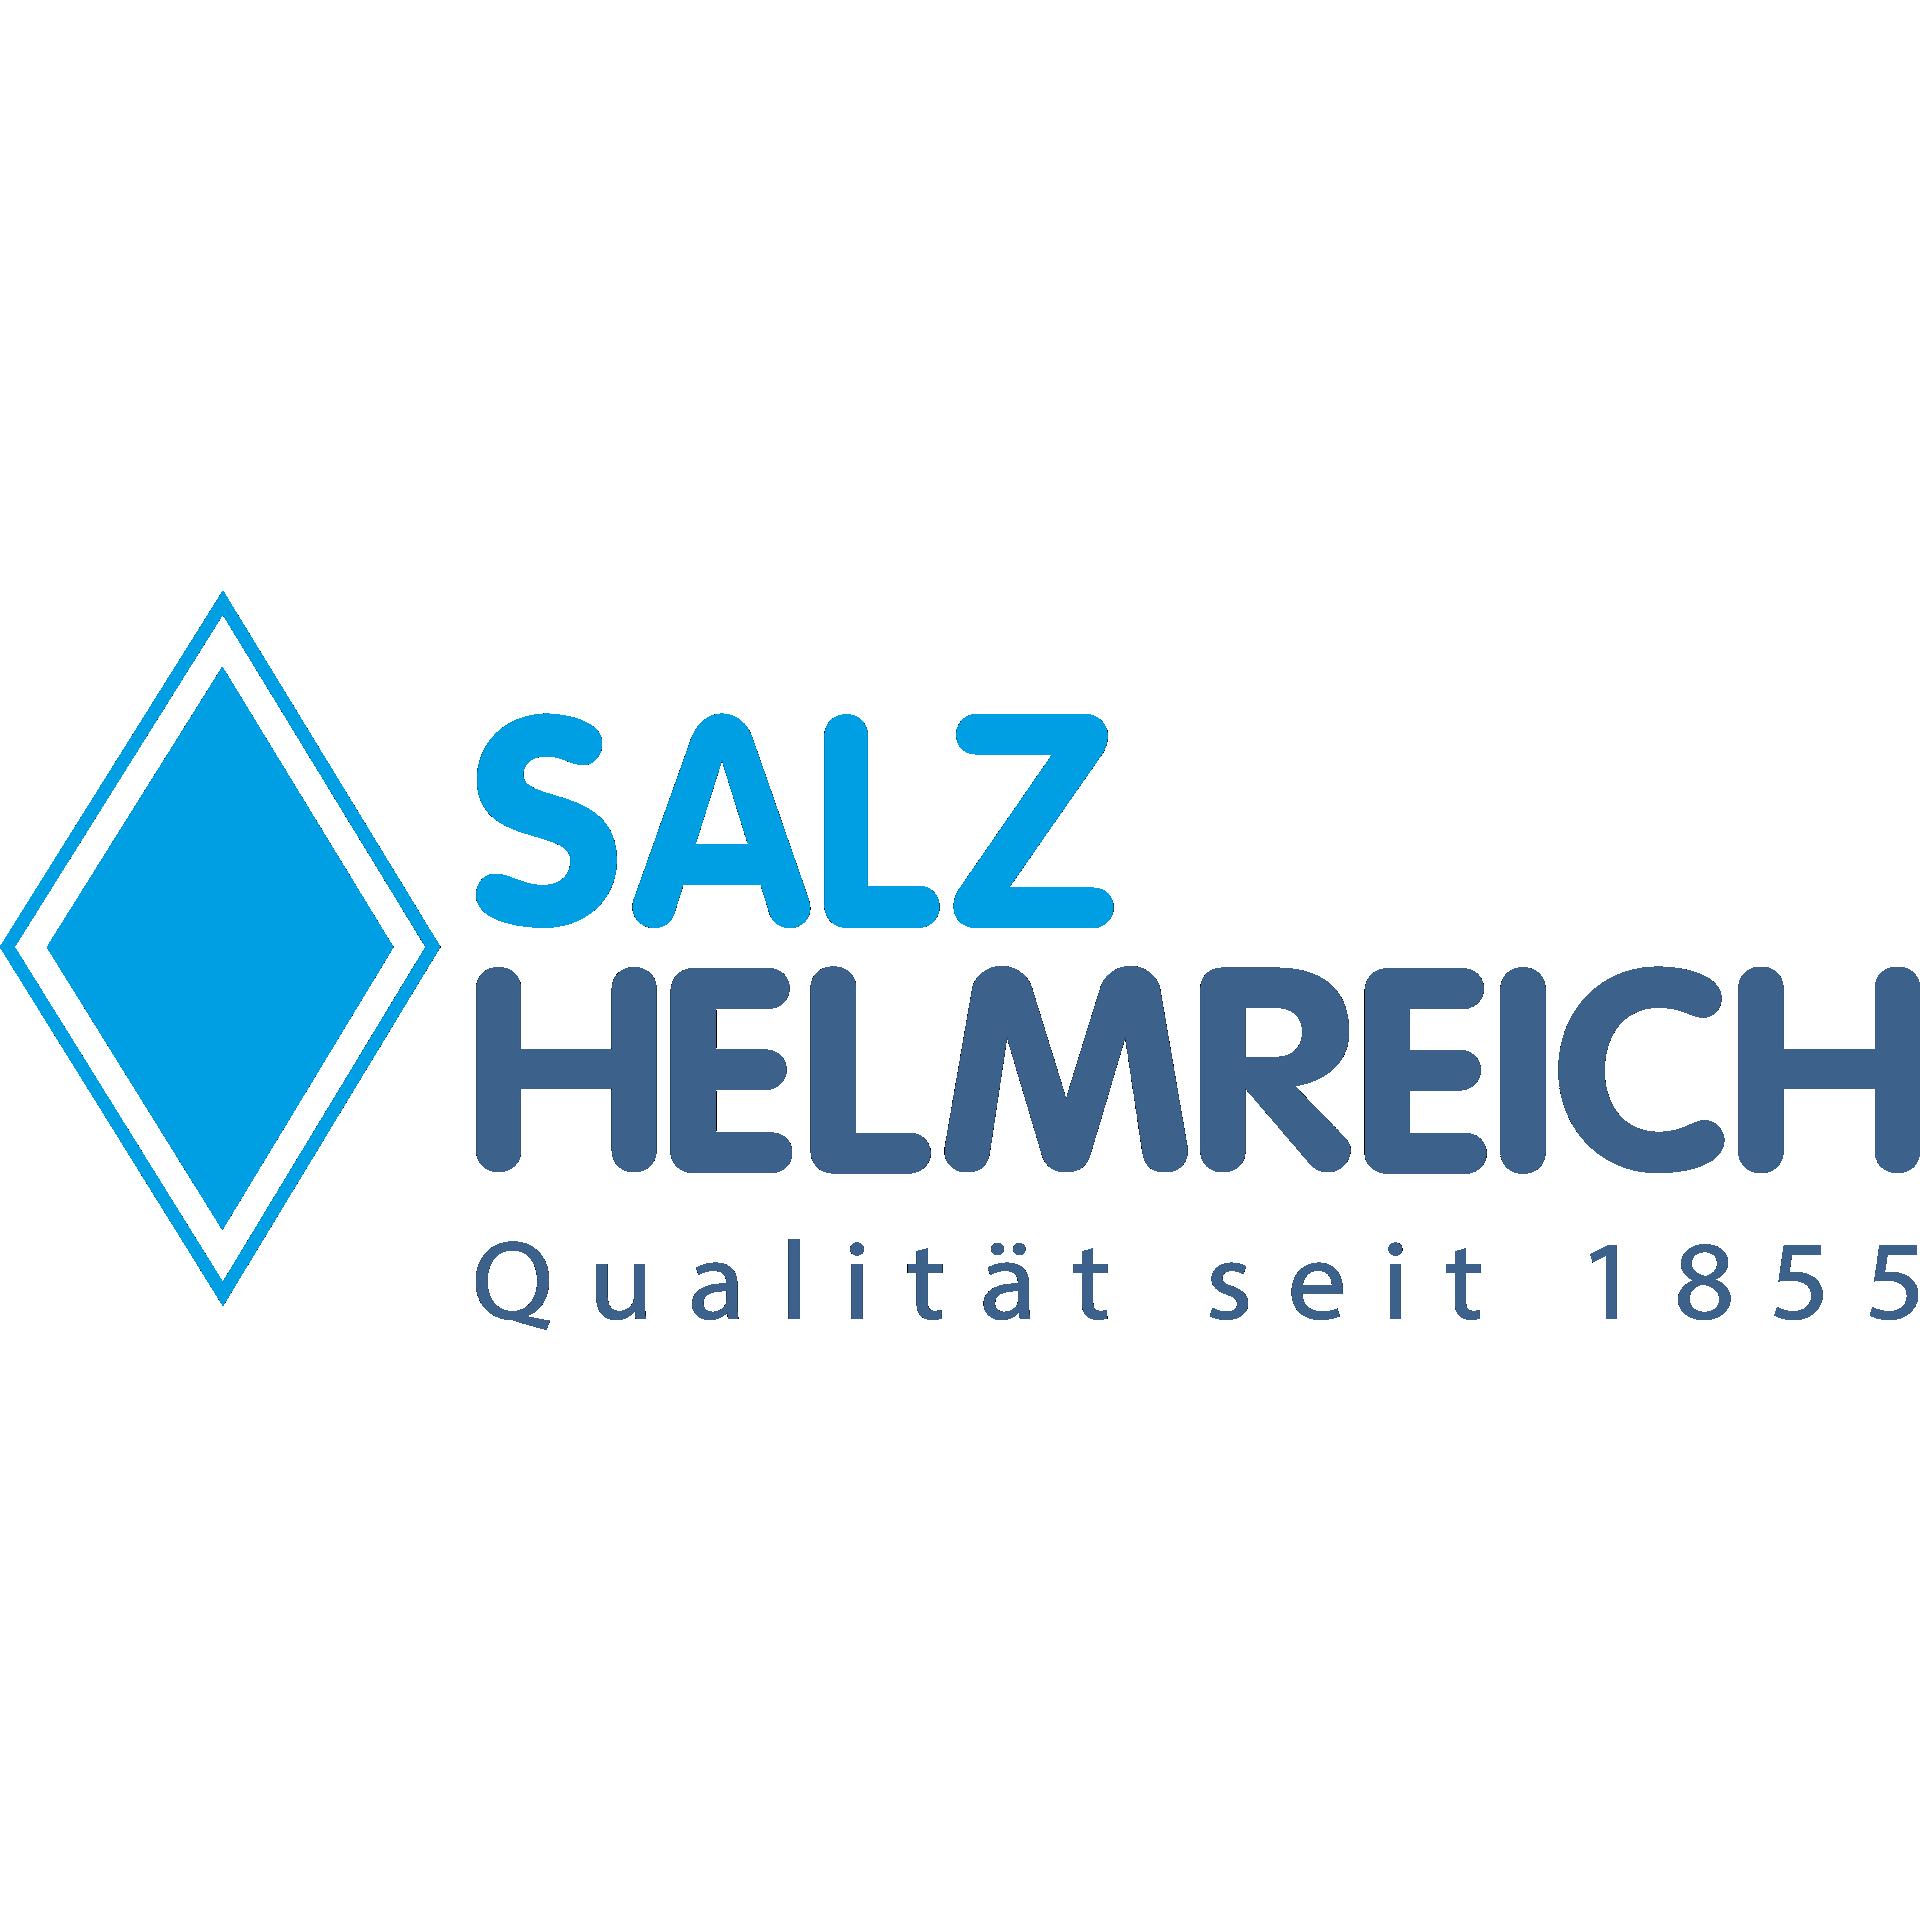 Poolsalz grob 1-3 mm (Chlorinator- u. Salzanlagen geeignet) naturreines Meersalz 99,3 % NaCl aus dem ionischen Meer im 25 kg Sack